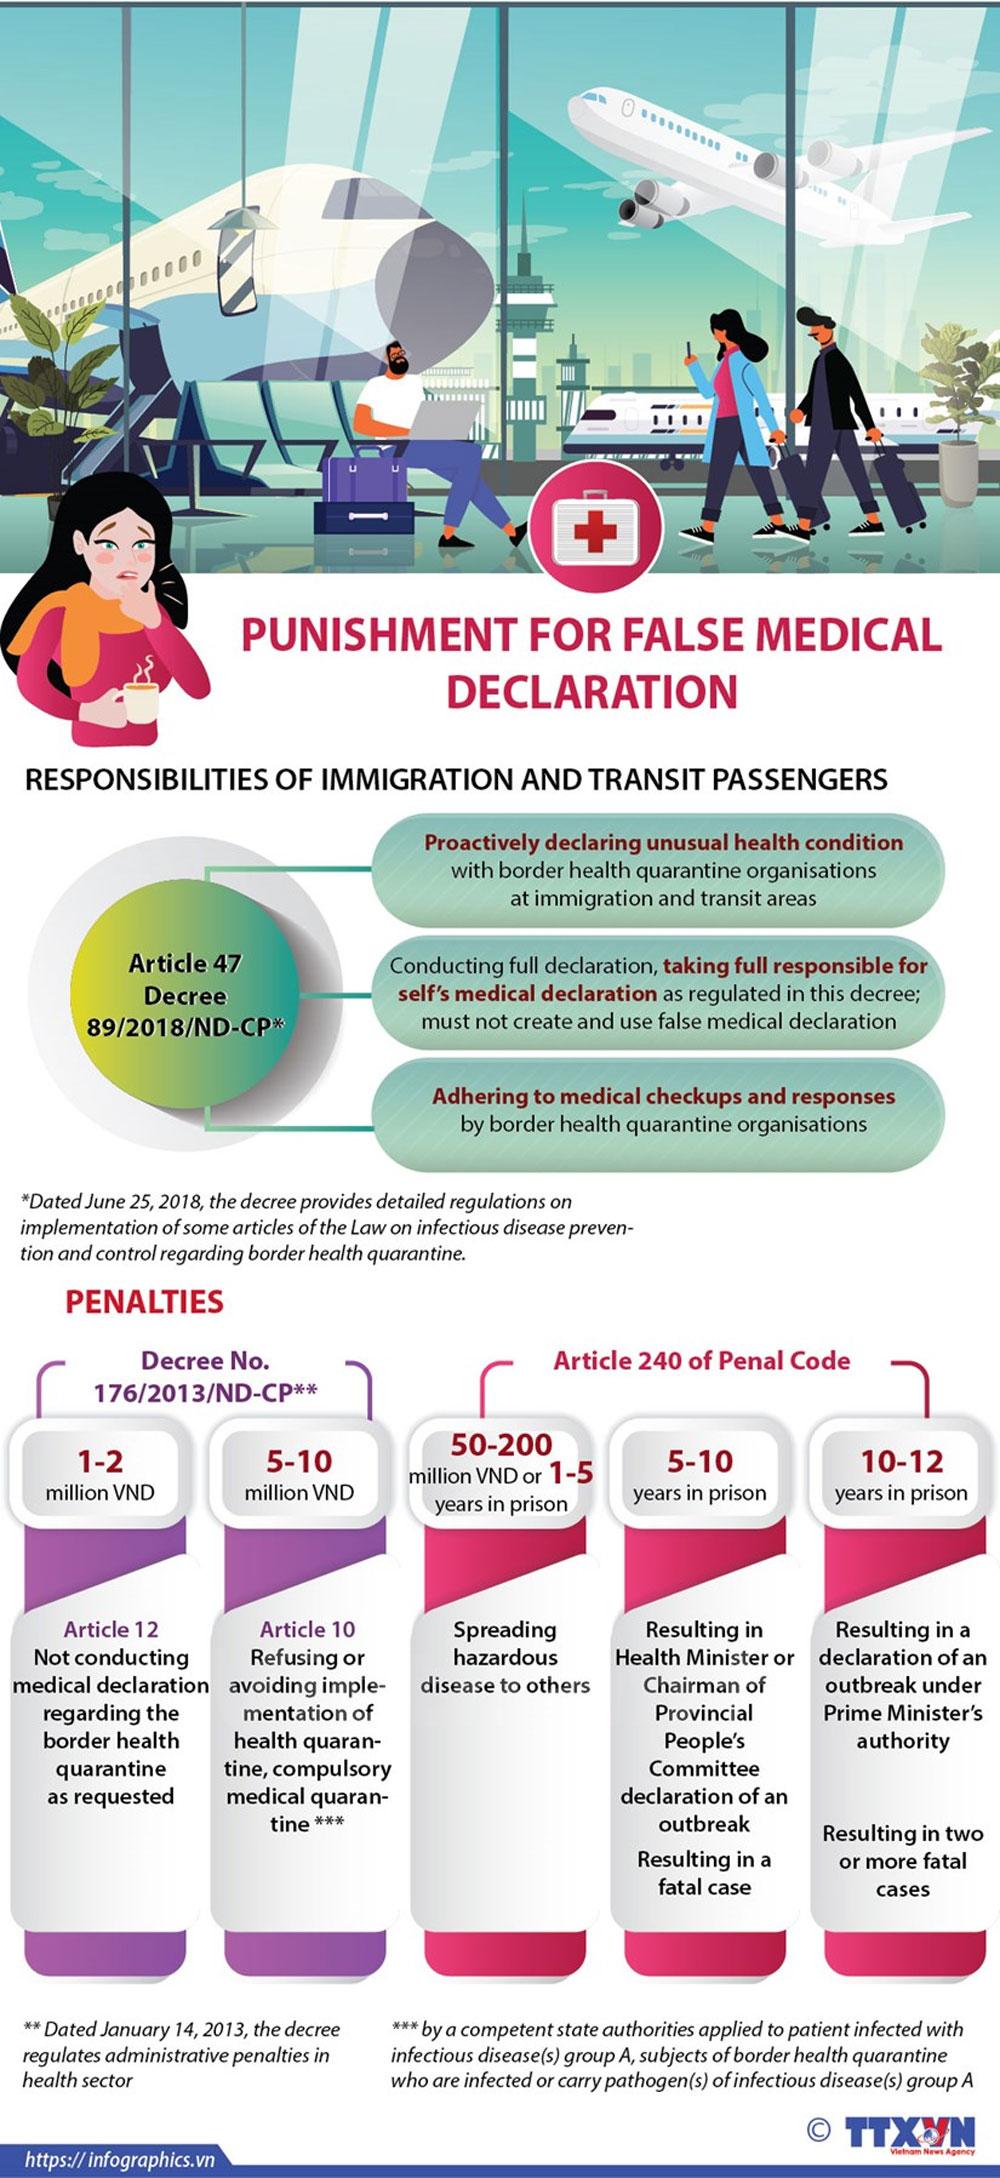 Punishment, false medical declaration, travel history, Covid-19, global epidemic